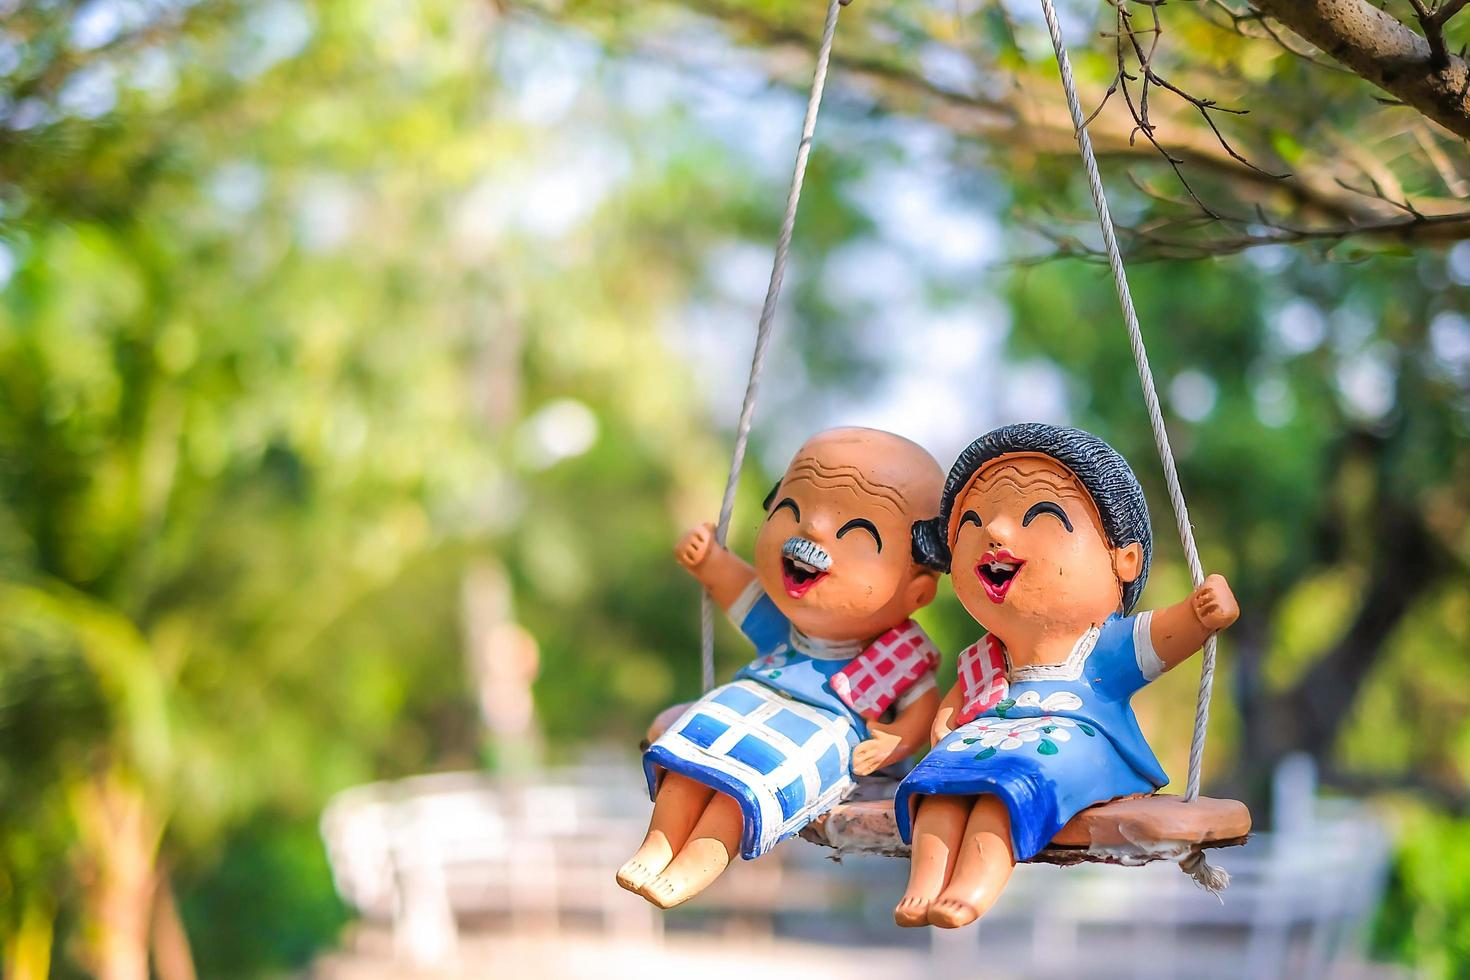 coppia giocattolo oscillante al sole foto